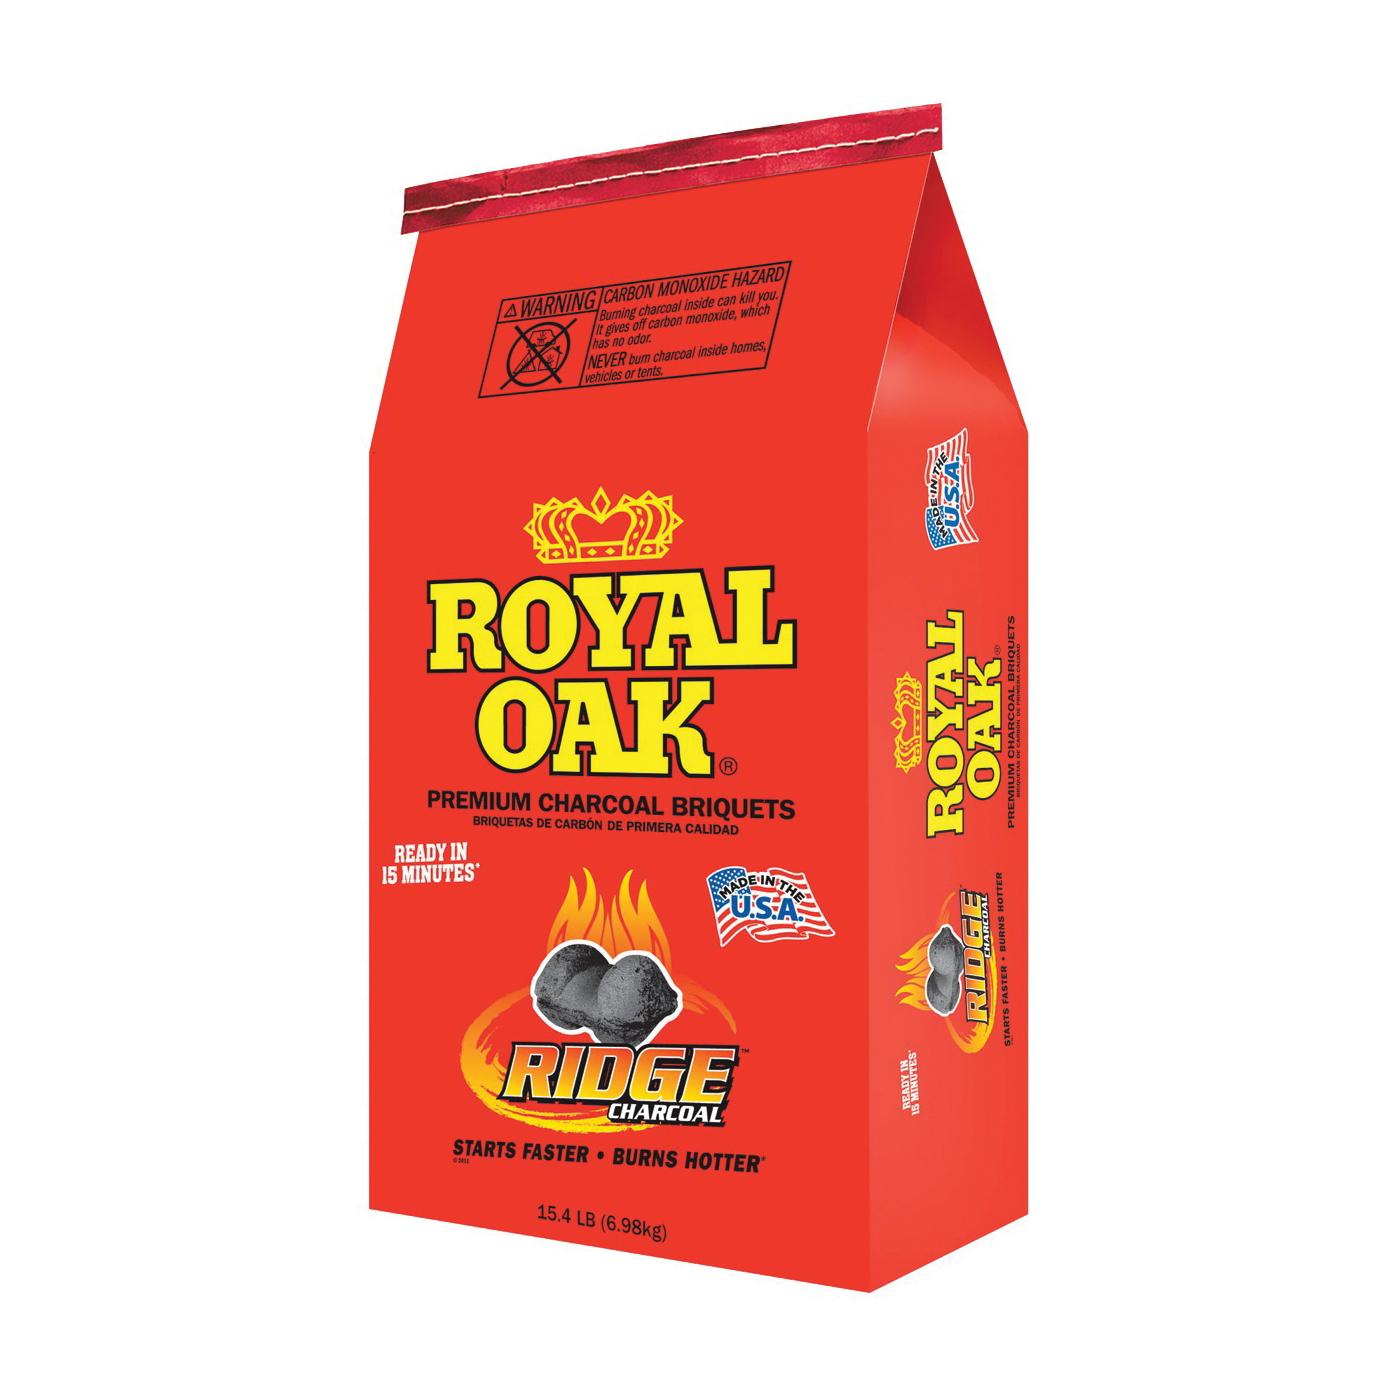 Picture of ROYAL OAK 192-294-021 Charcoal Briquettes, 15.4 lb Package, Bag